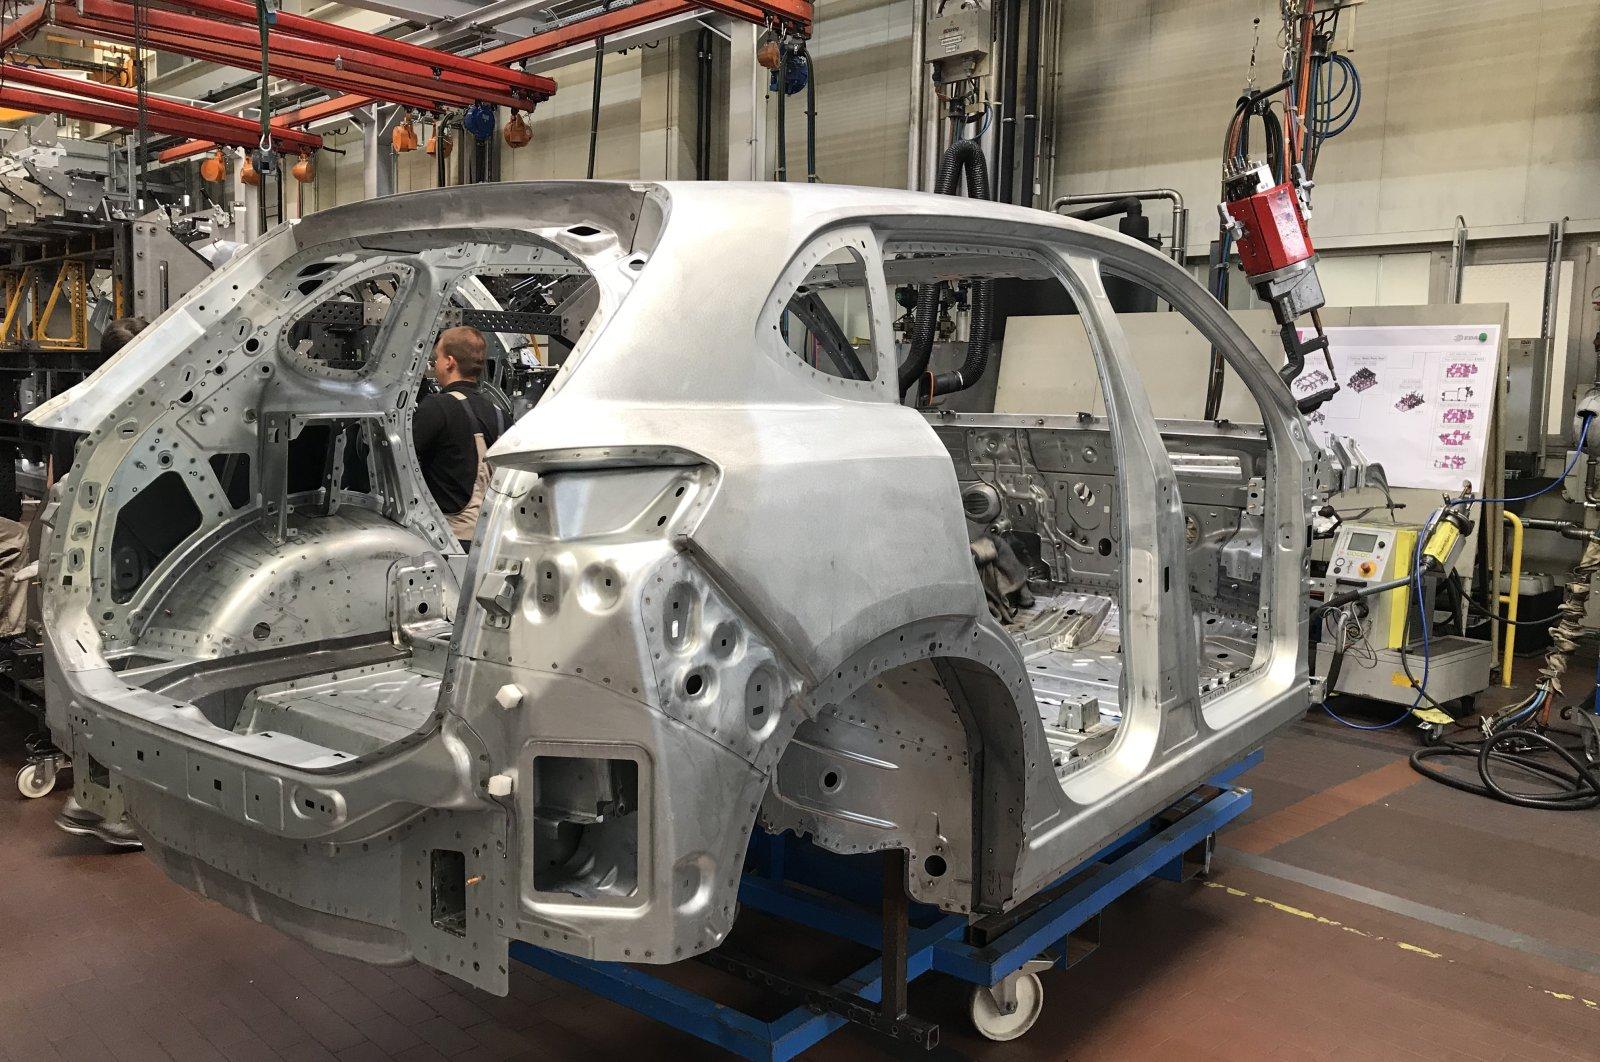 La première voiture électrique turque à entrer sur les marchés européens via l'Allemagne